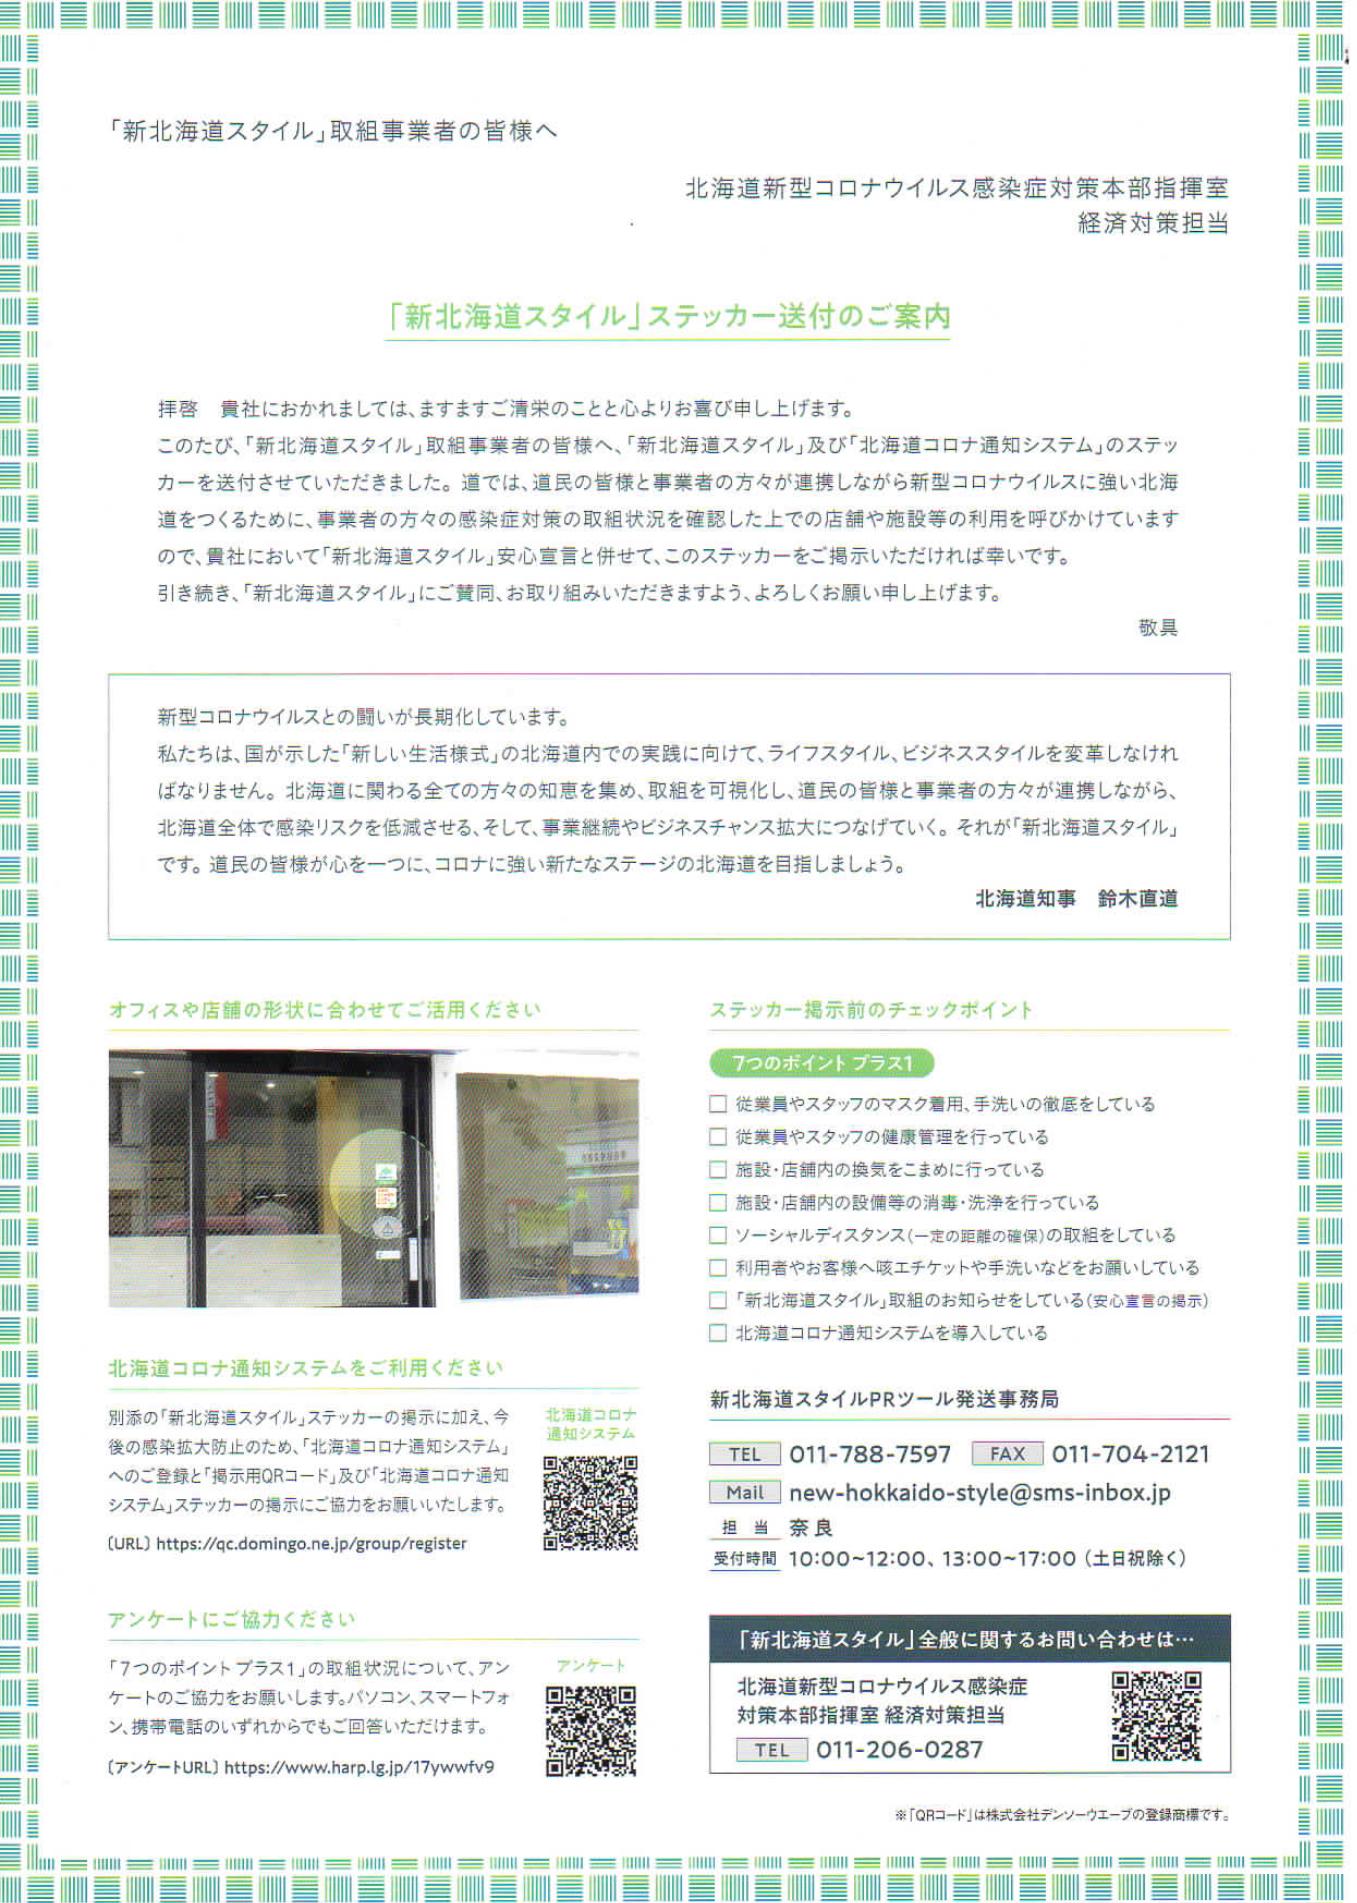 新北海道スタイルステッカー等送付文